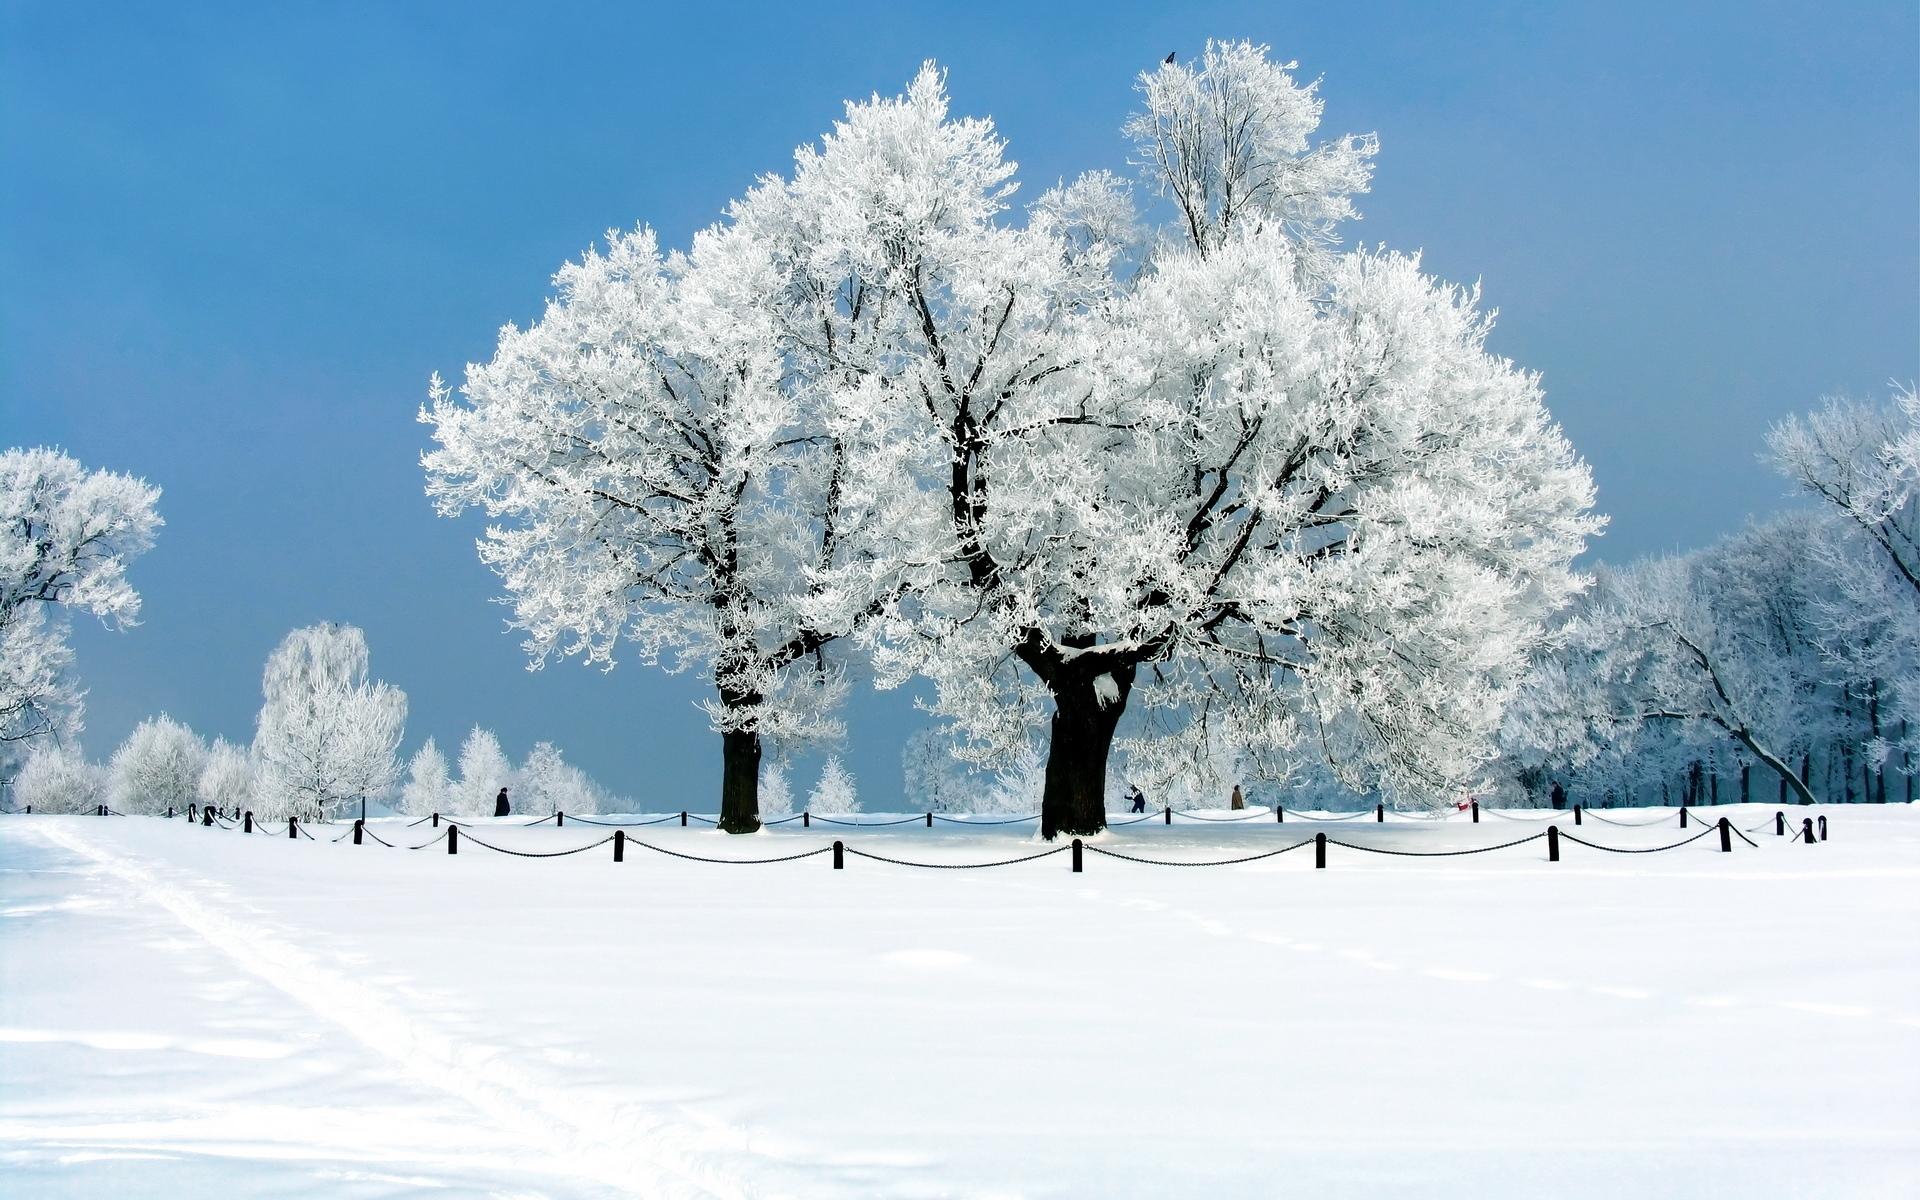 January wallpapers and screensavers wallpapersafari - Wallpaper hd nature winter ...